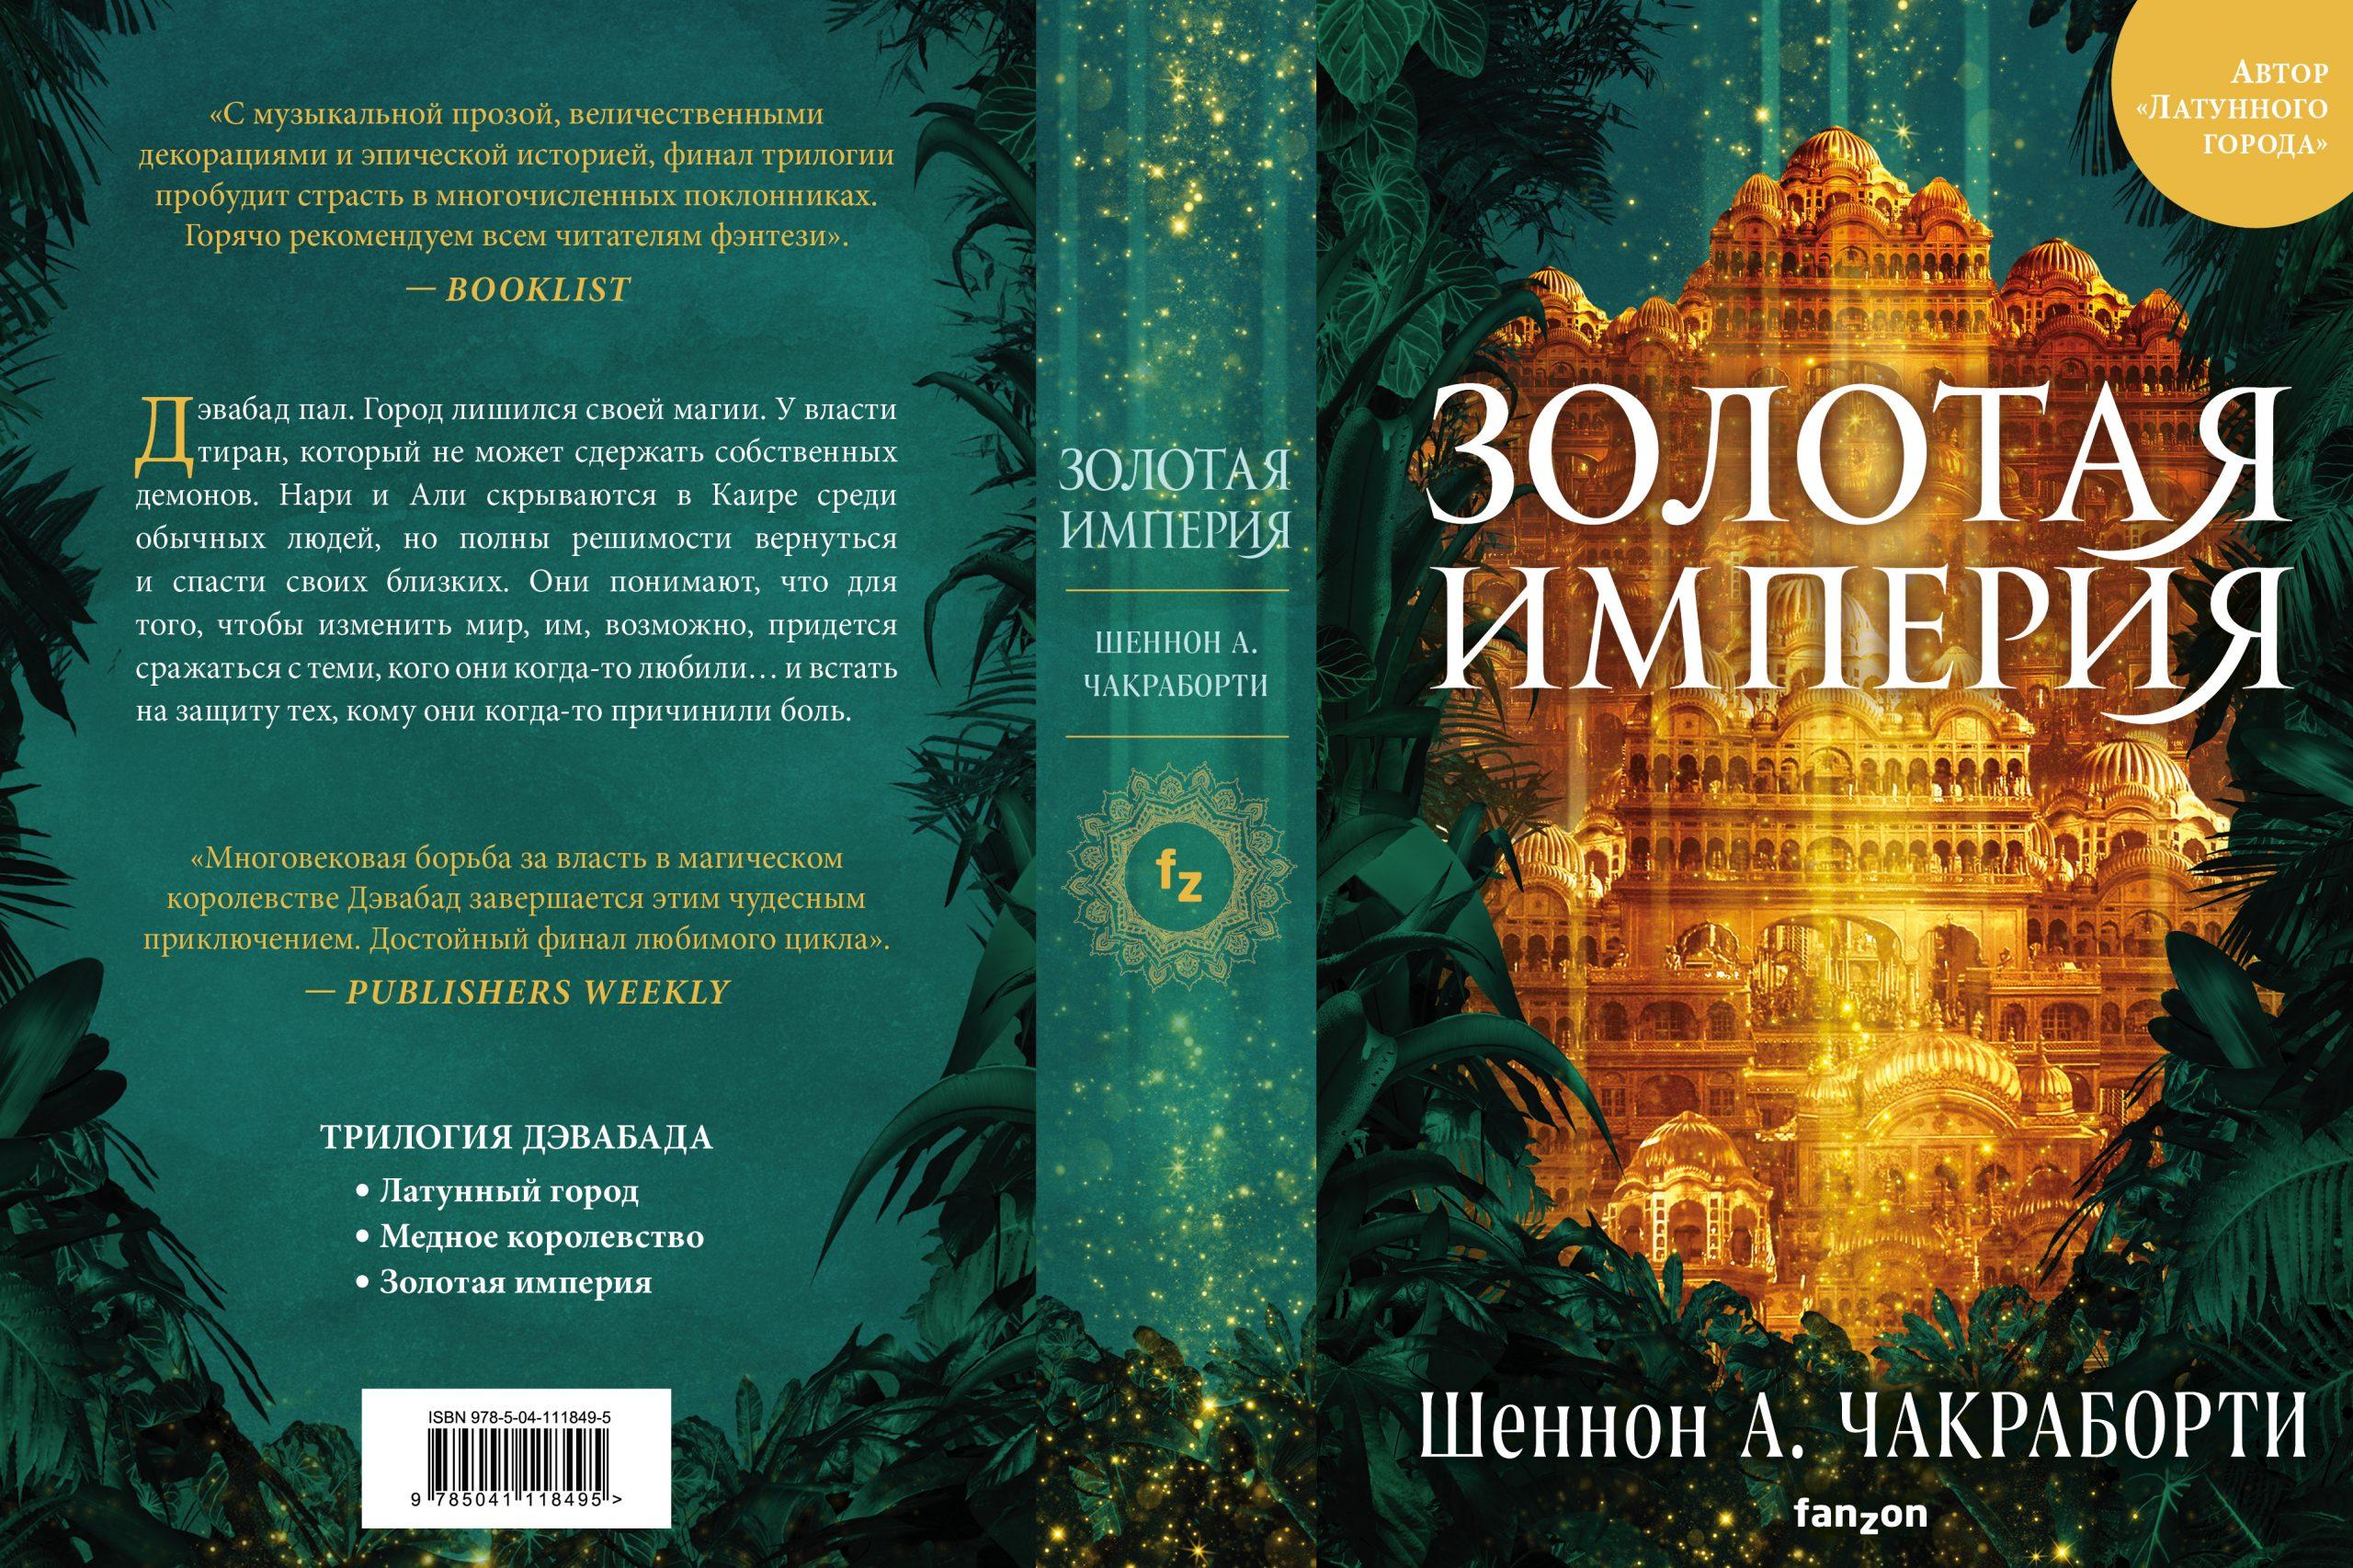 Что почитать: «Золотая империя» Чакраборти, переиздания Тэда Уильямса и Роберта Шекли 1